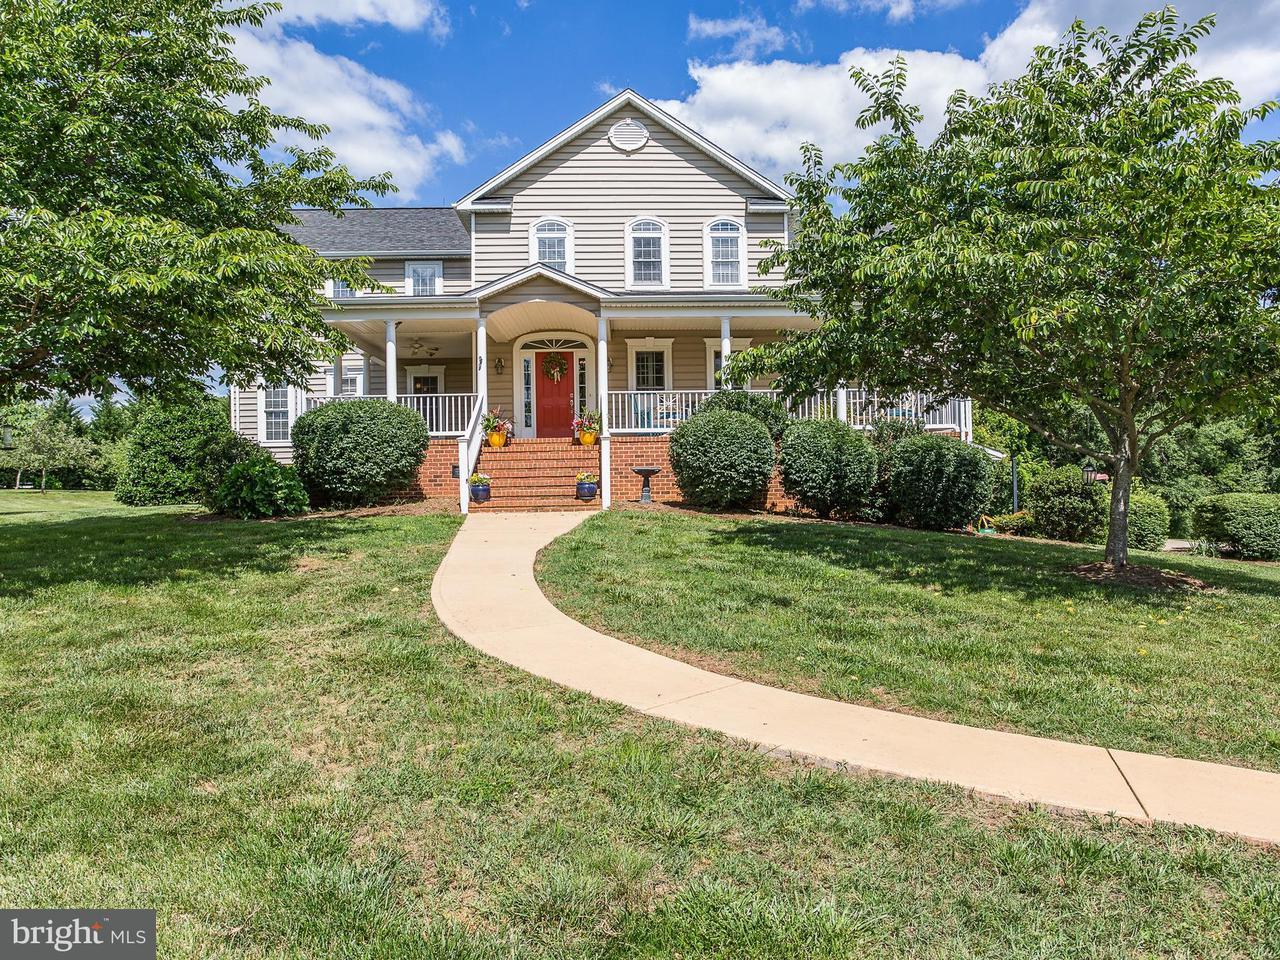 Einfamilienhaus für Verkauf beim 8211 Meadowland Drive 8211 Meadowland Drive Locust Grove, Virginia 22508 Vereinigte Staaten